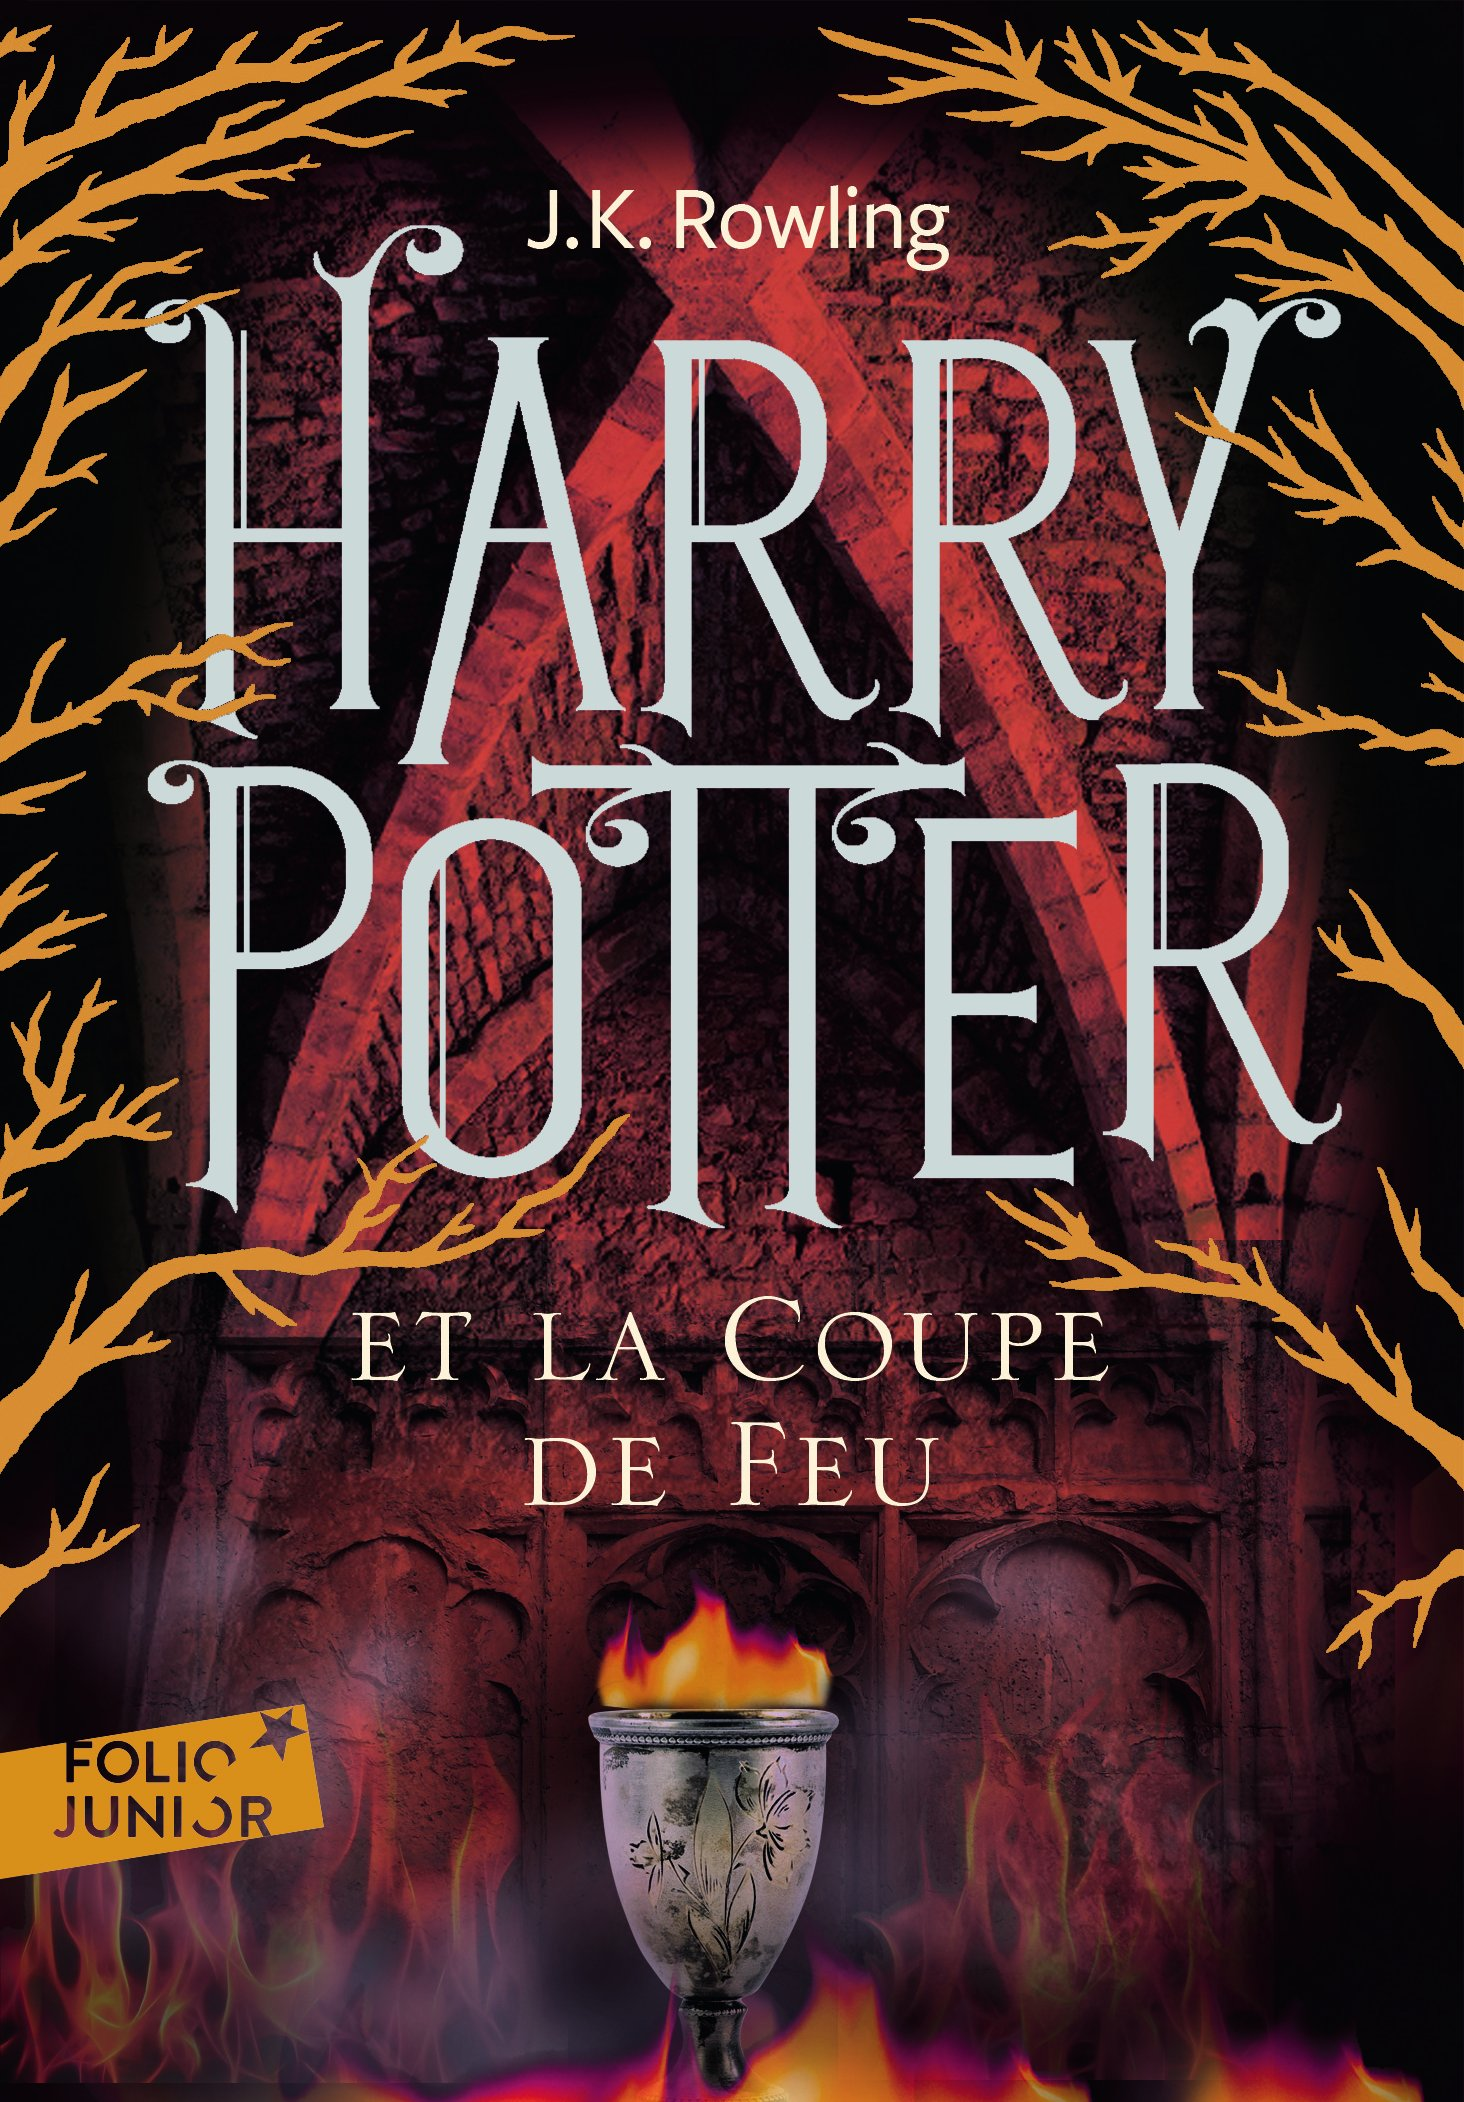 Harry Potter Et La Coupe De Feu Folio Junior Ed Amazon Co